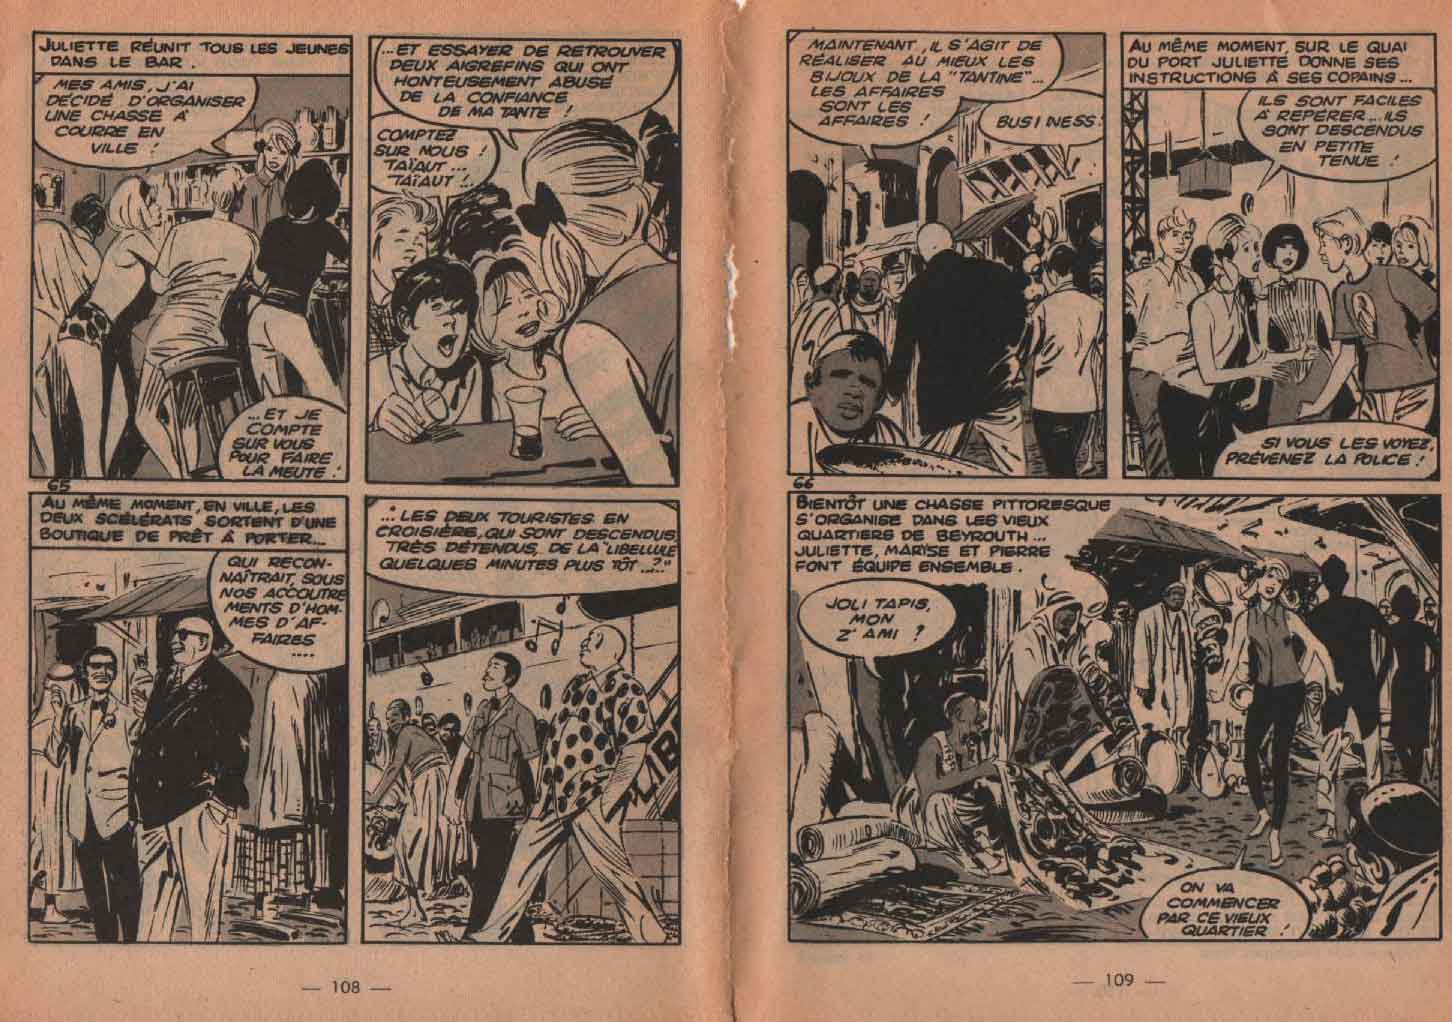 « Croisière surprise » Frimousse n° 154 (01/09/1964).